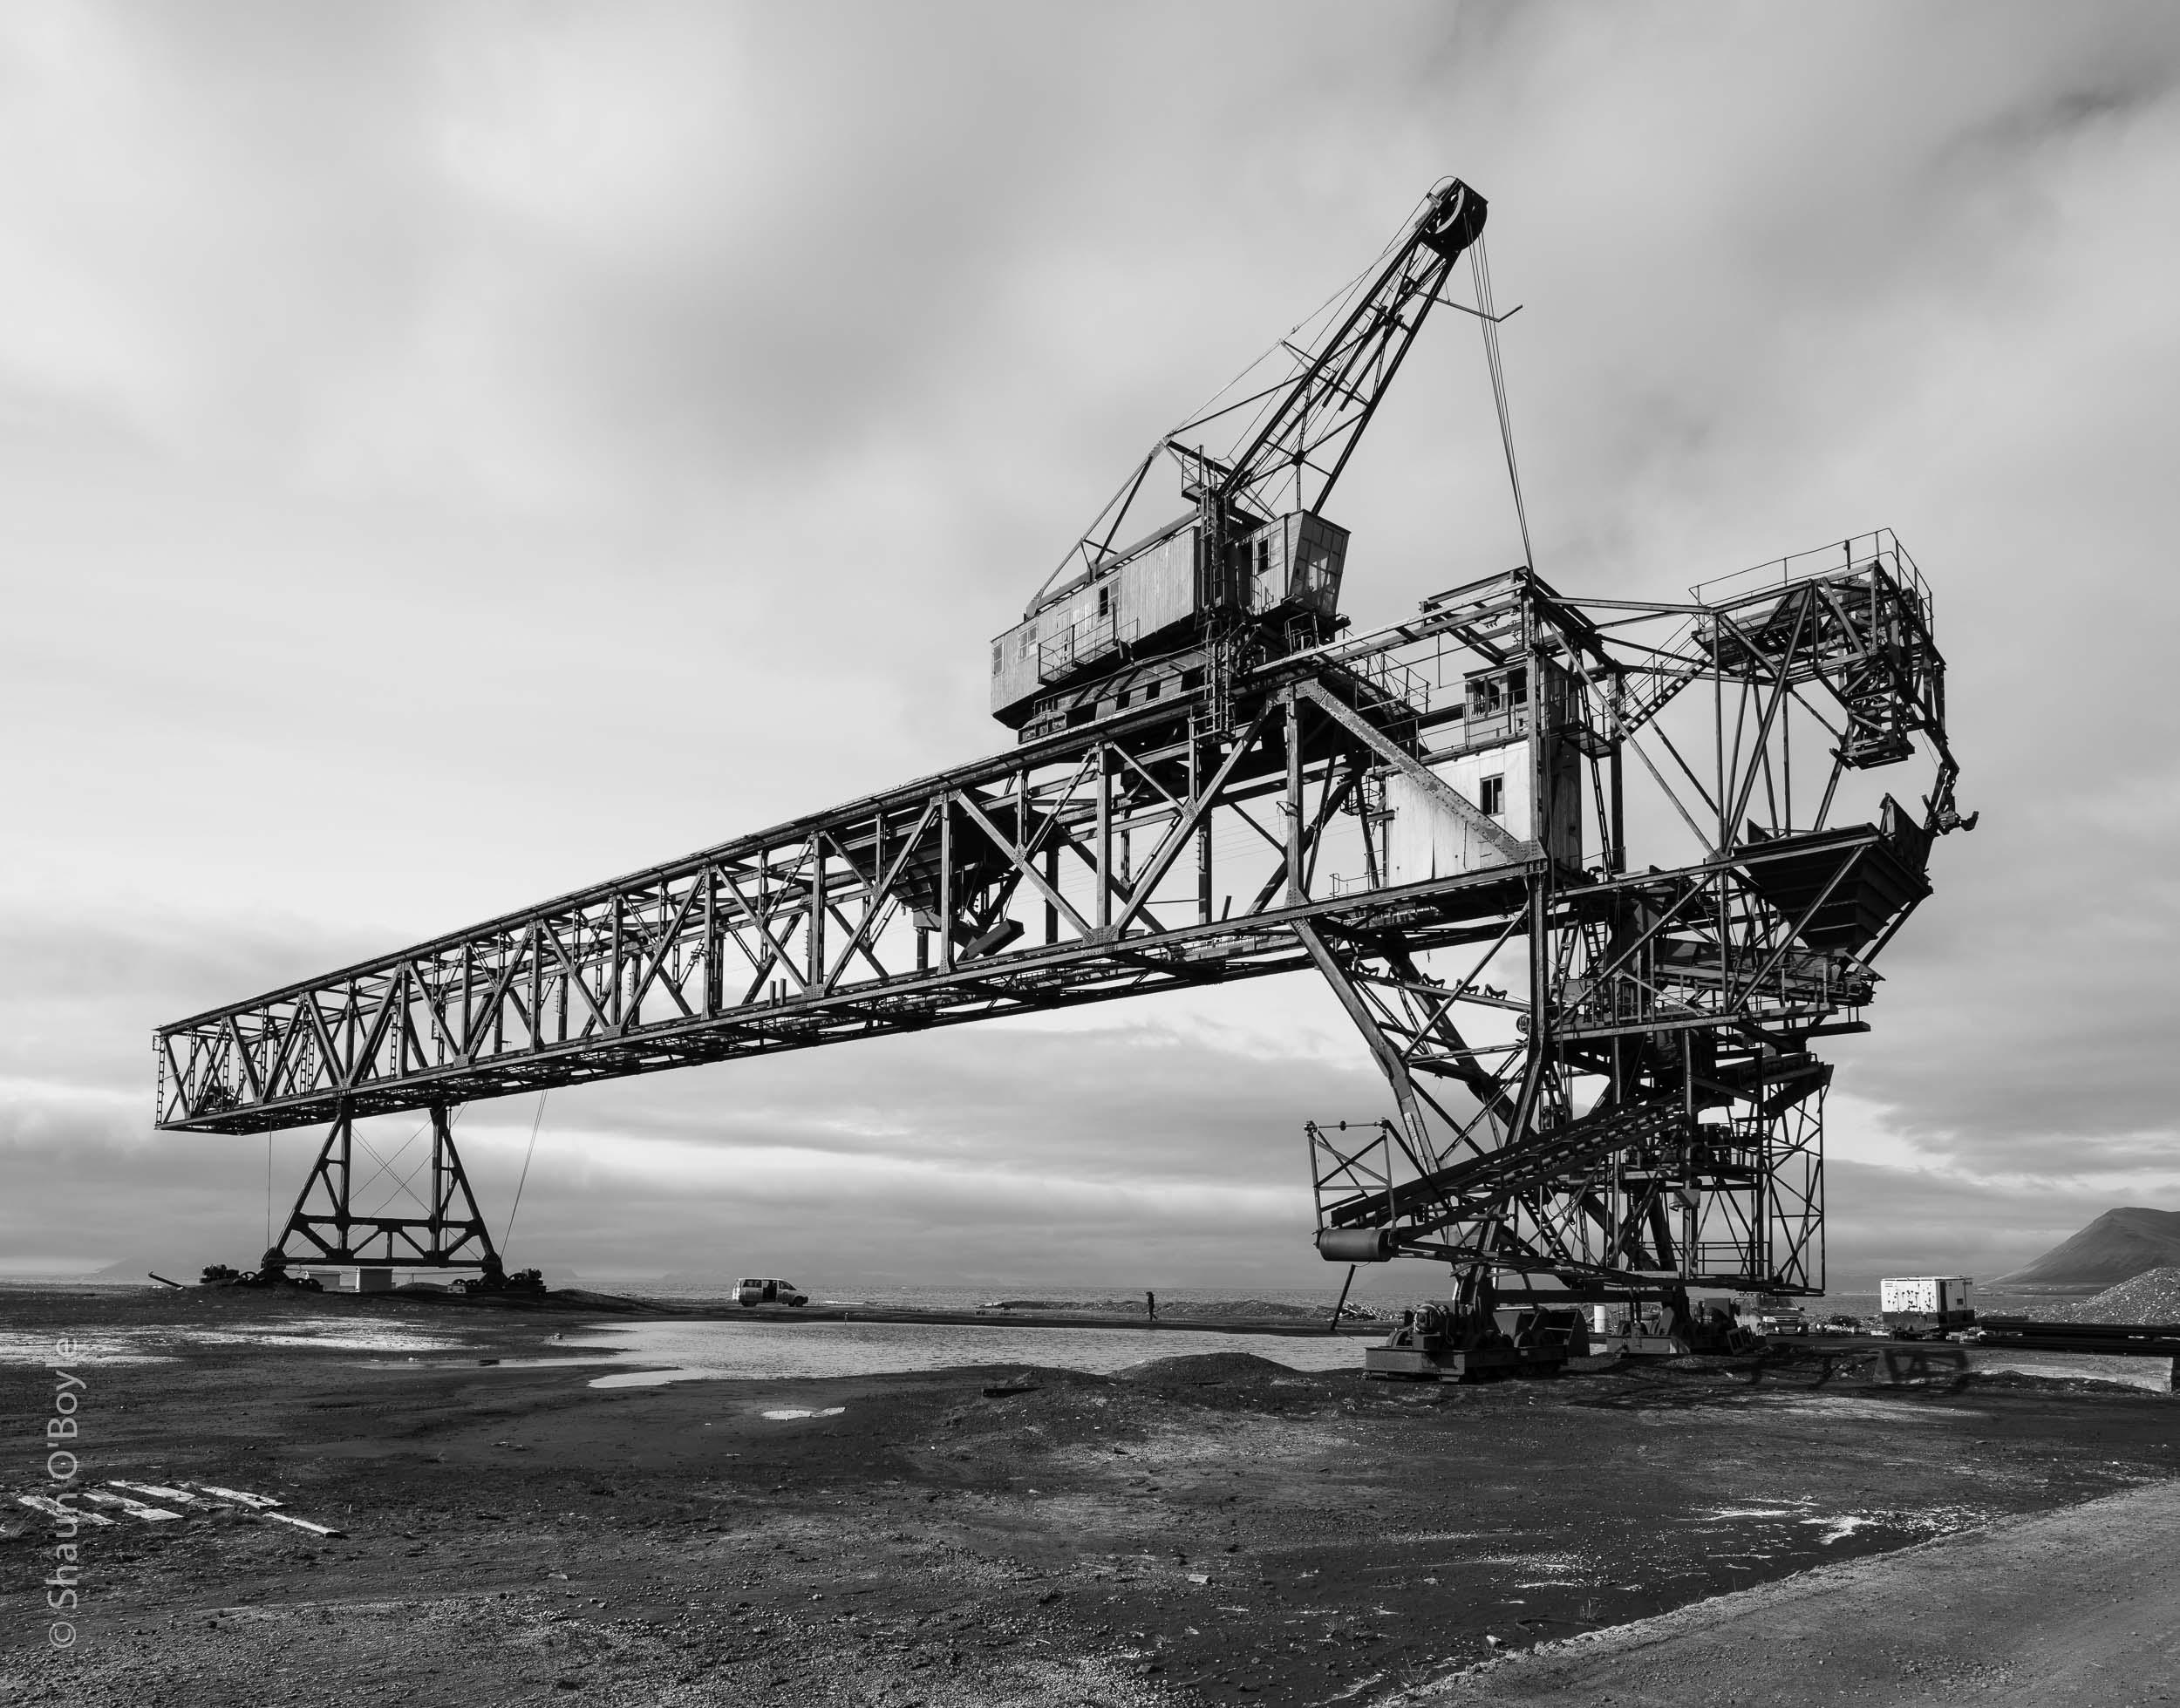 Coal Loading Bridge Crane, Hotellneset